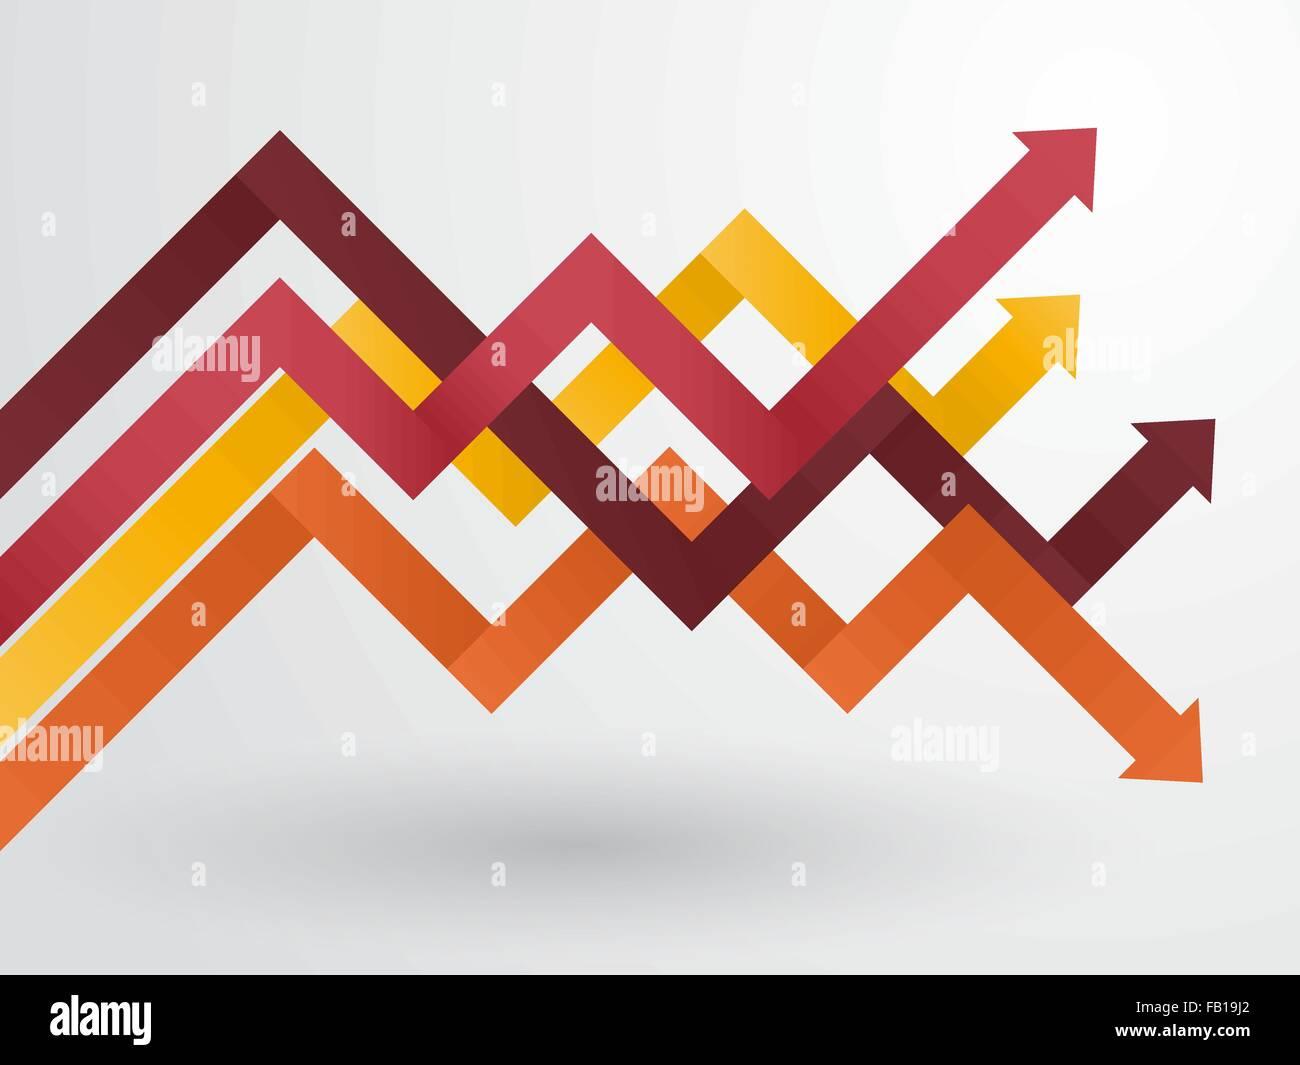 Grafico delle frecce disposte in colori pastello Immagini Stock